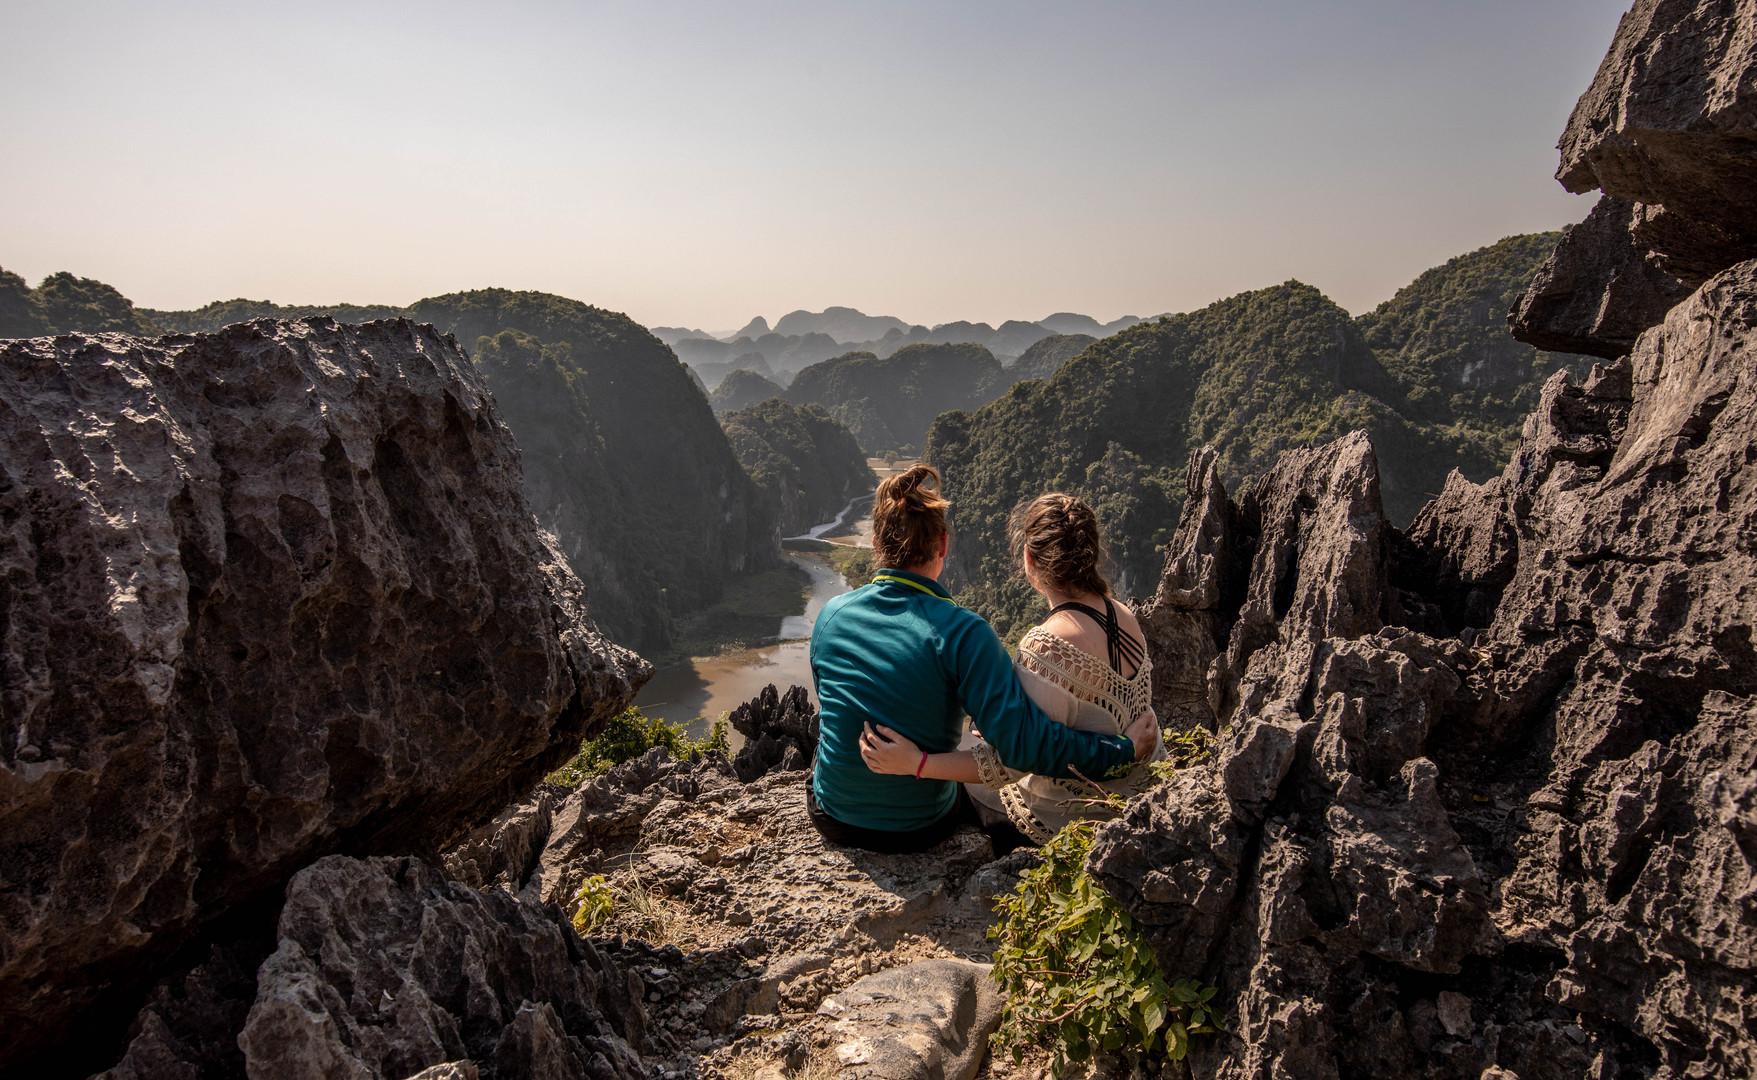 Selbstportrait bei einer Wanderung in Ninh Binh in Vietnam. Wild Embrace Fotografie Abenteuer Elopement und Auslandshochzeit Fotografen in  Österreich, Europa und weltweit. www.wildembrace.photo